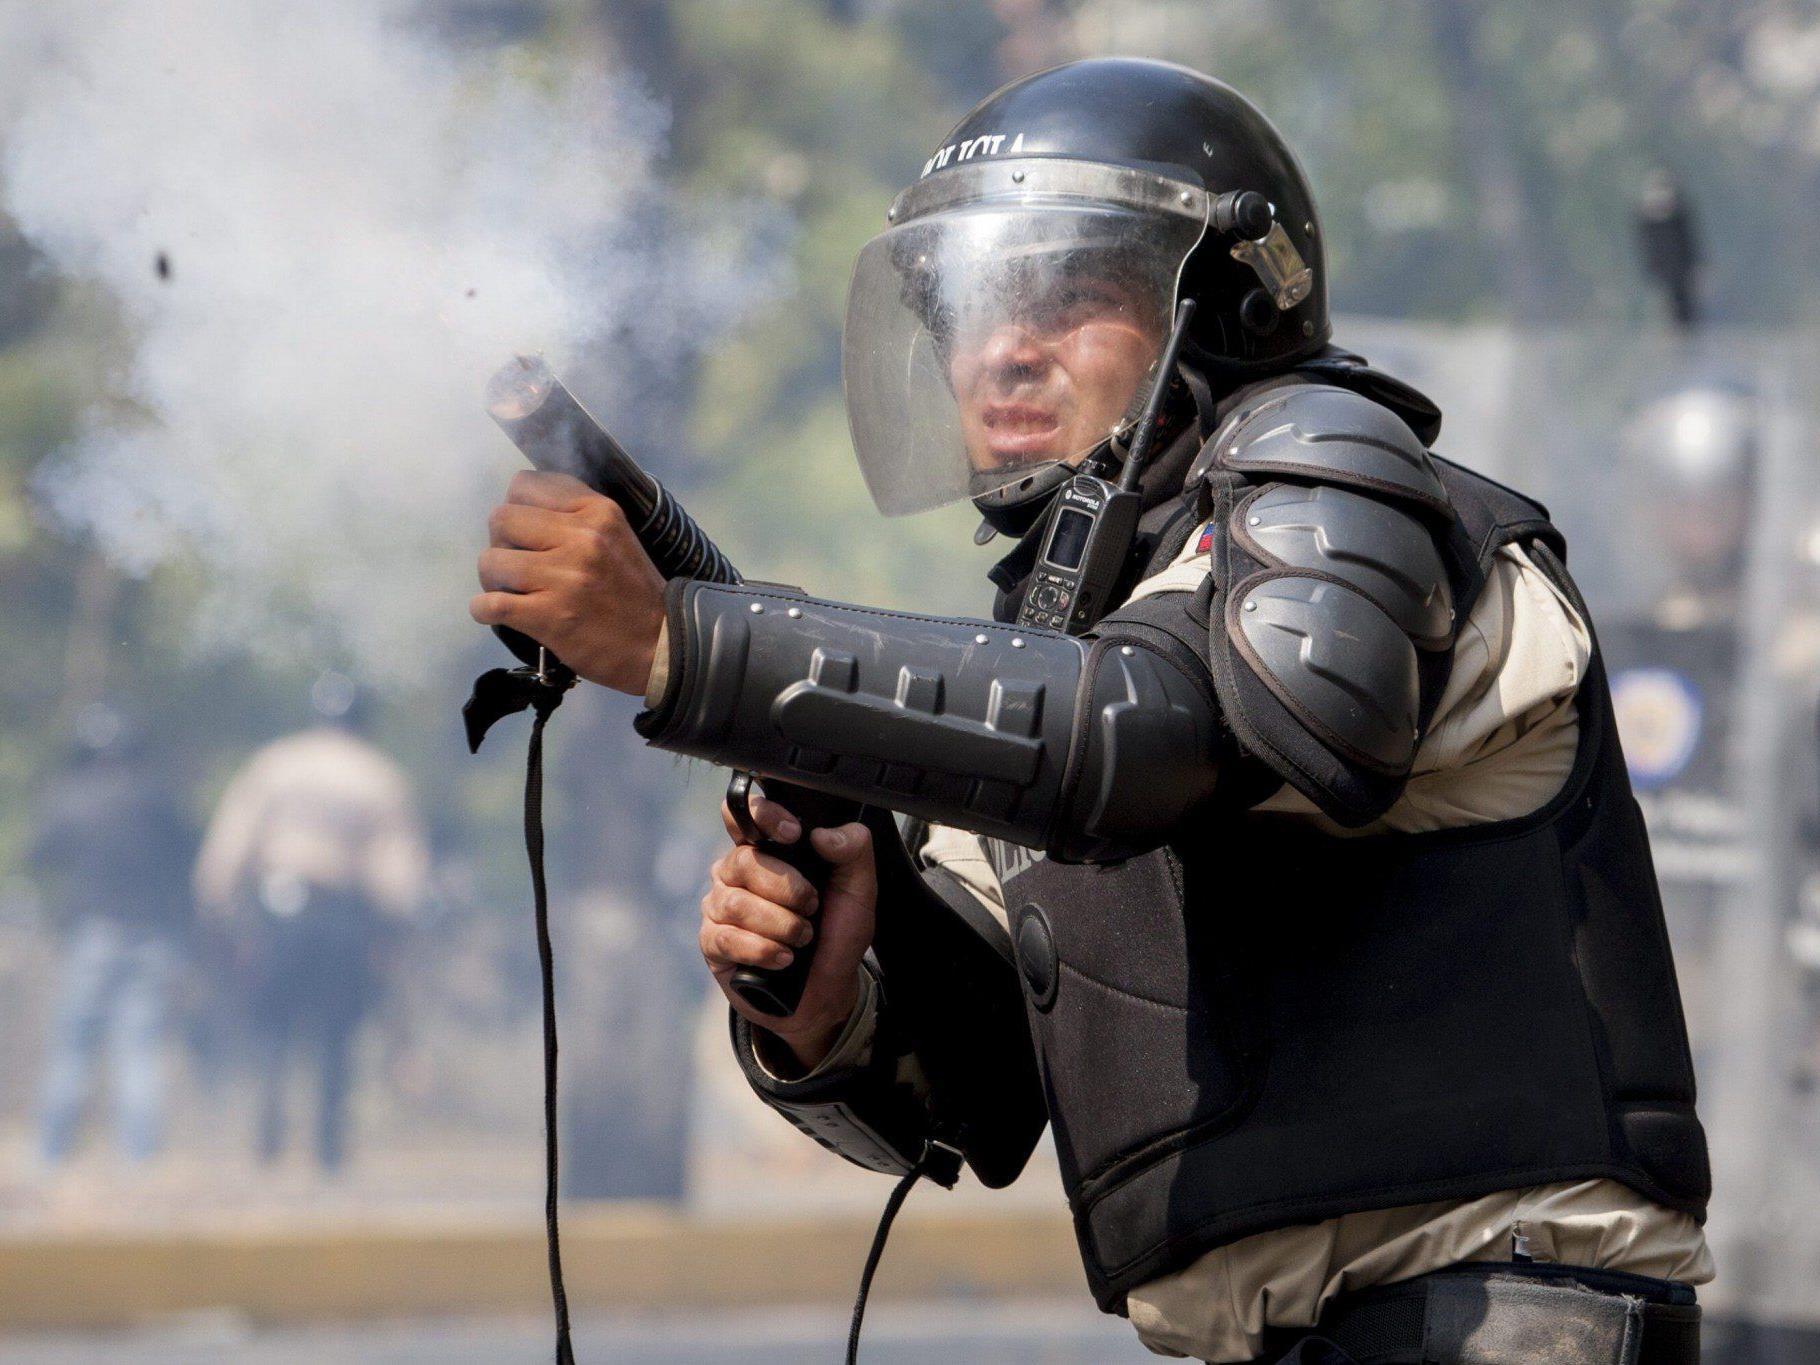 Präsident Maduro macht Opposition verantwortlich.